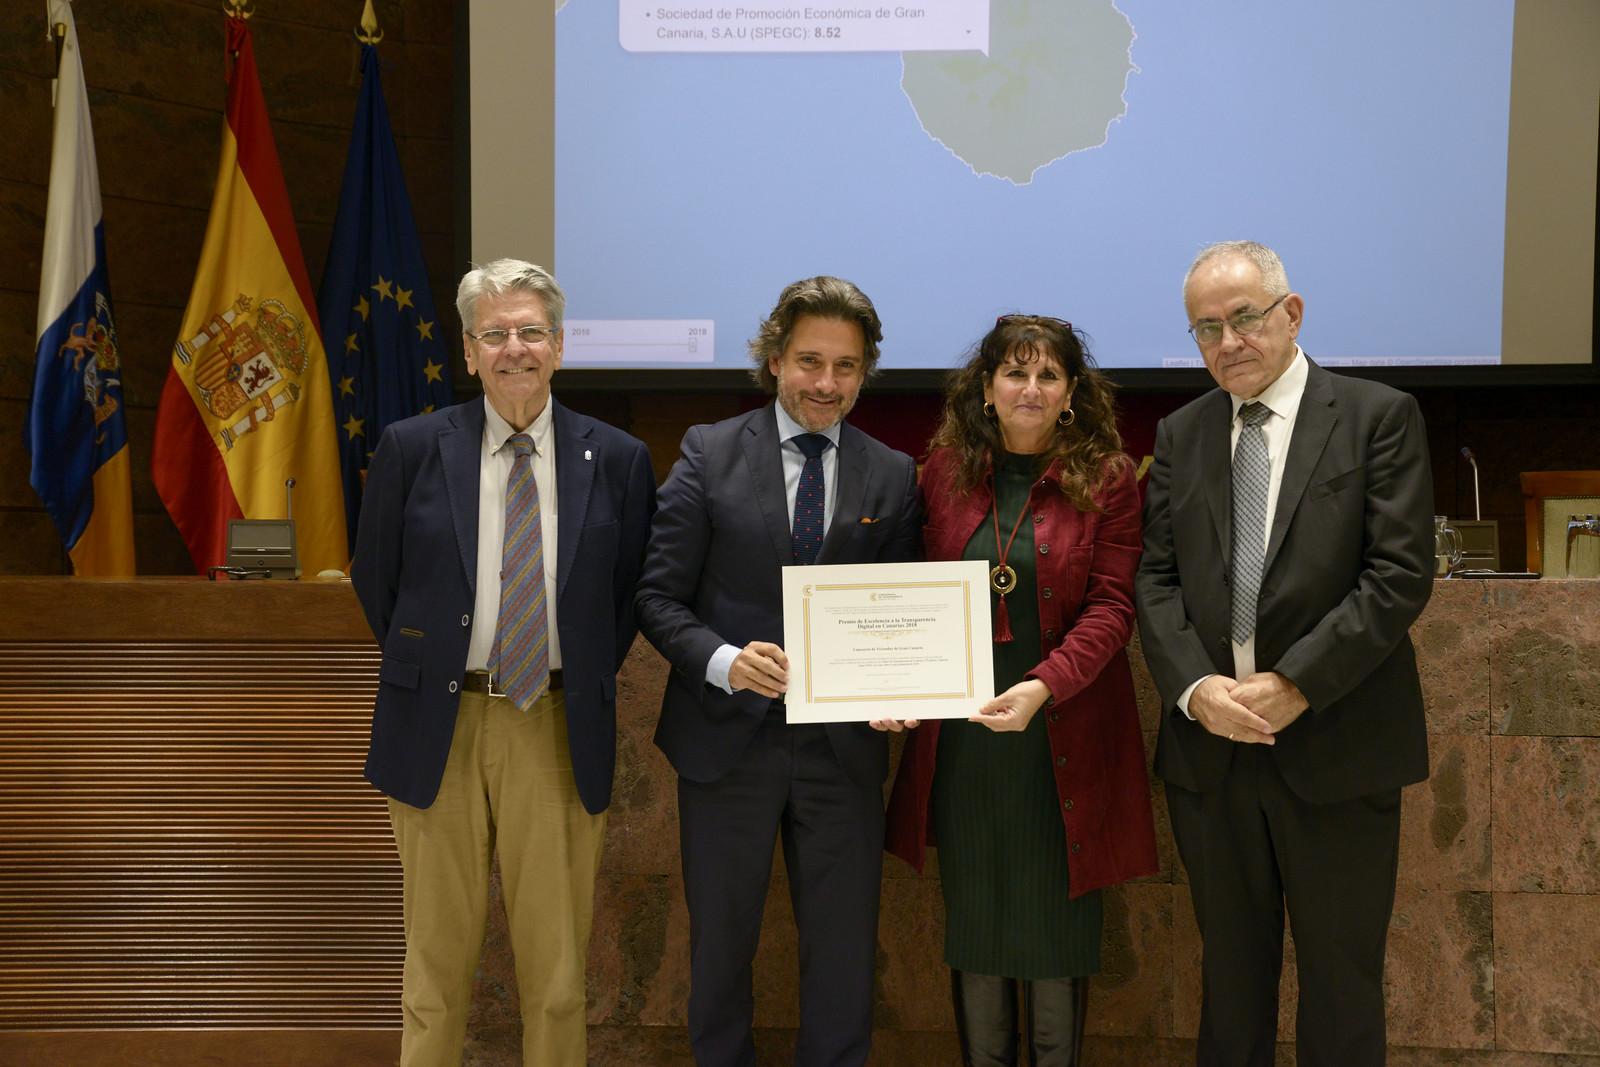 Primeras Jornadas Canarias de Transparencia Digital (27/11/2019)